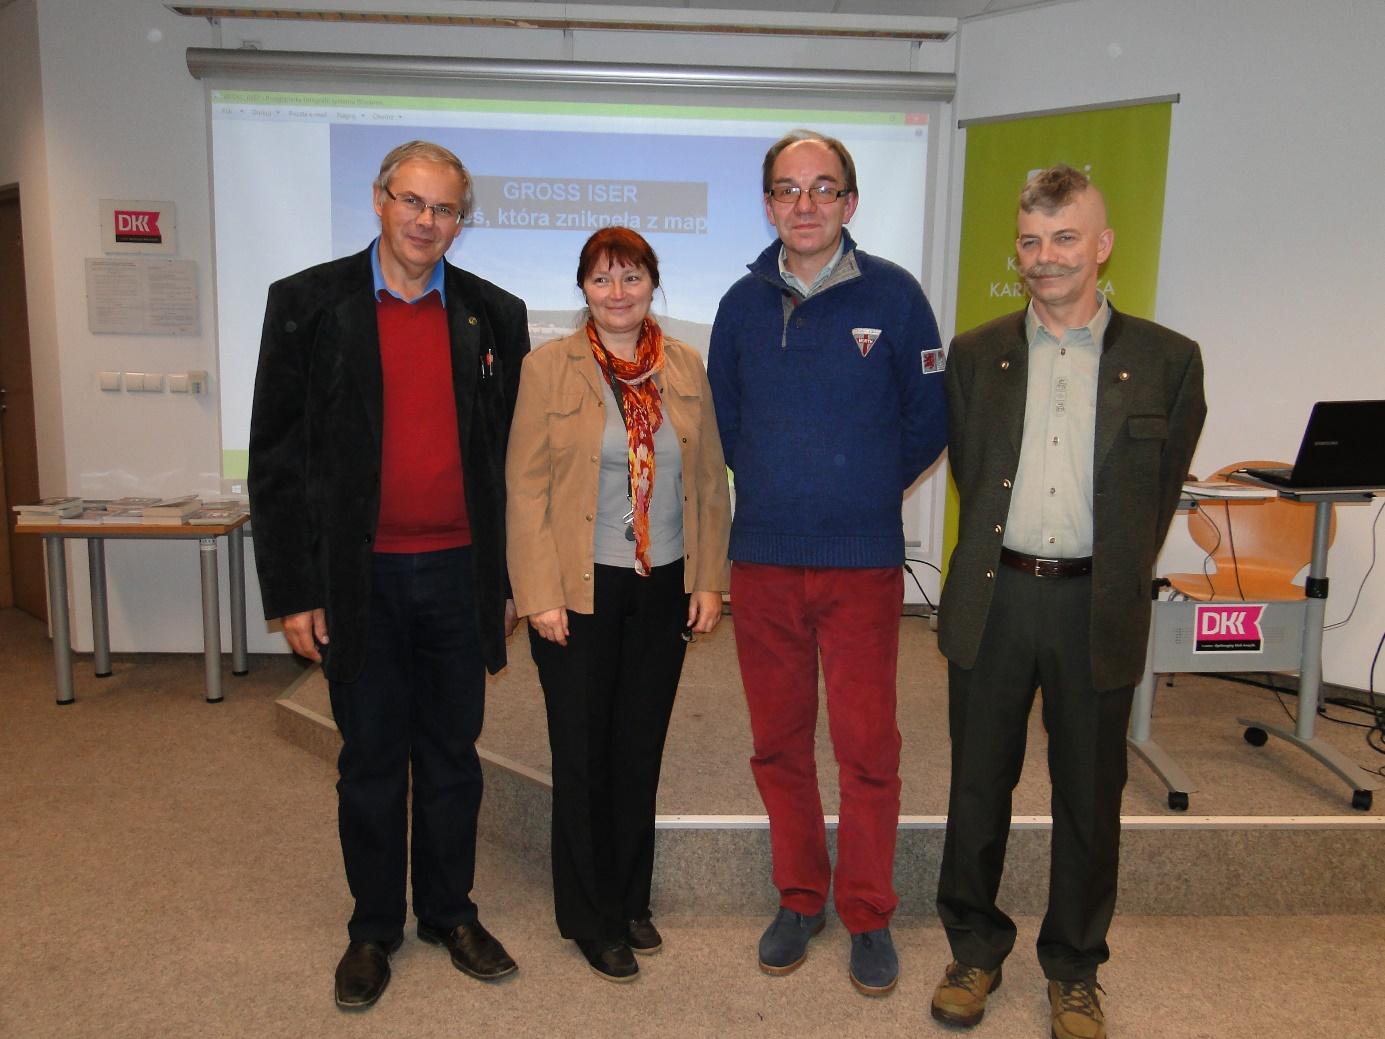 Krzysztof Tęcza, Joanna Broniarczyk, Janusz Skowroński, Andrzej Ciosański (na zdjęciu brakuje Piotra Zamorskiego). Foto: Anna Tęcza